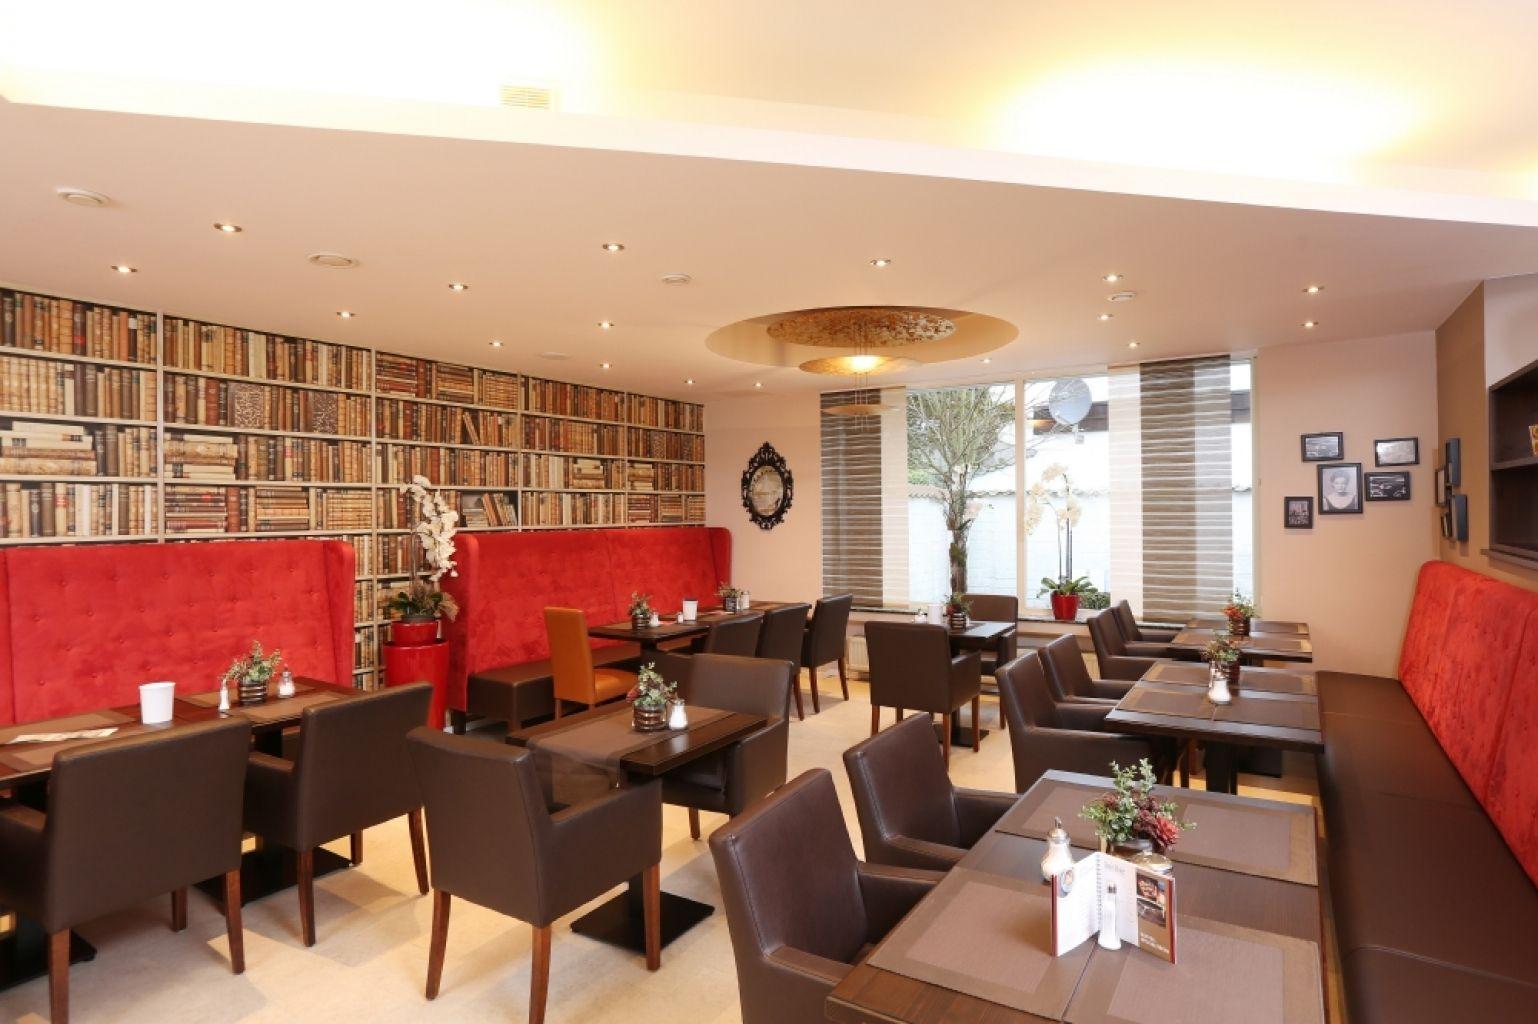 Café Strathmann / Bürenkemper in Bad Rothenfelde